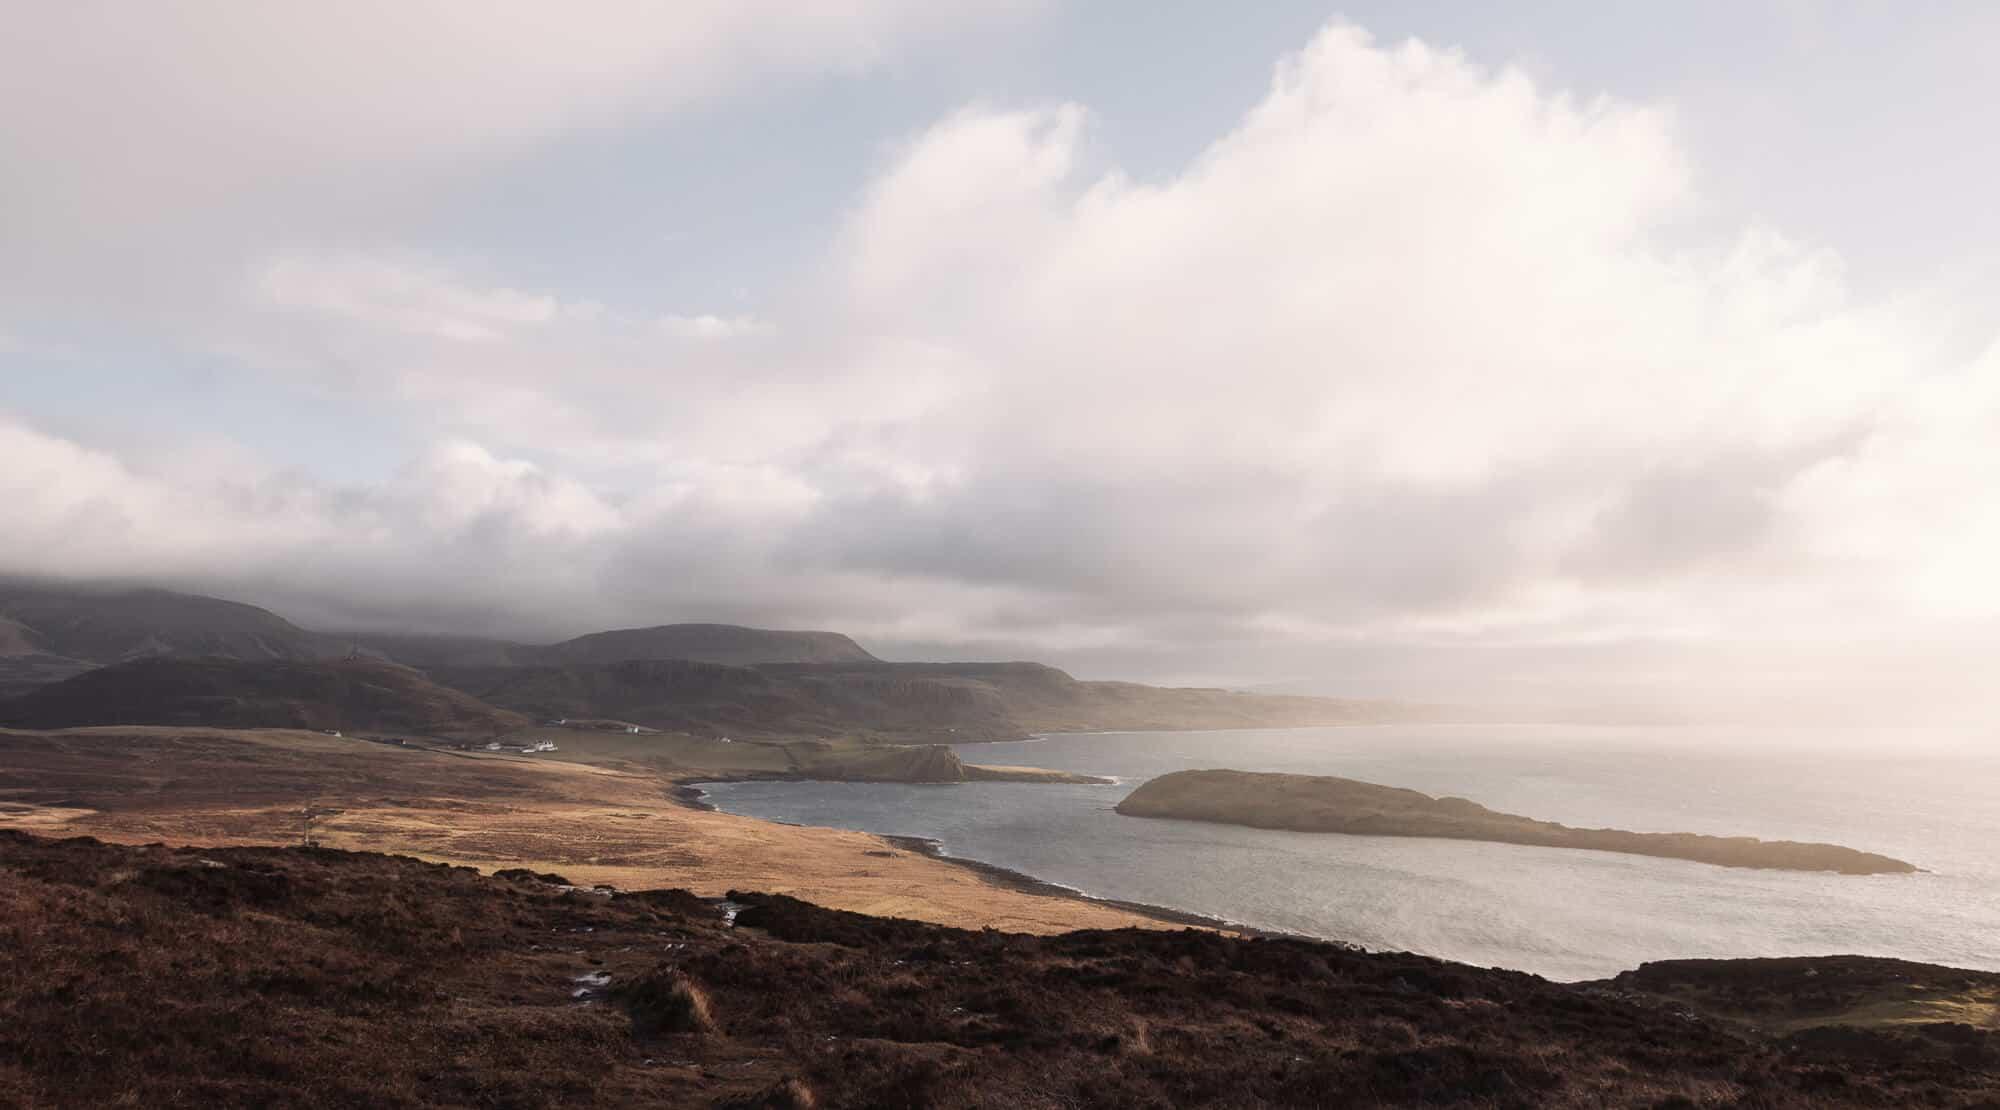 Meilleurs road trips en Ecosse - découverte de Skye avec LP1N